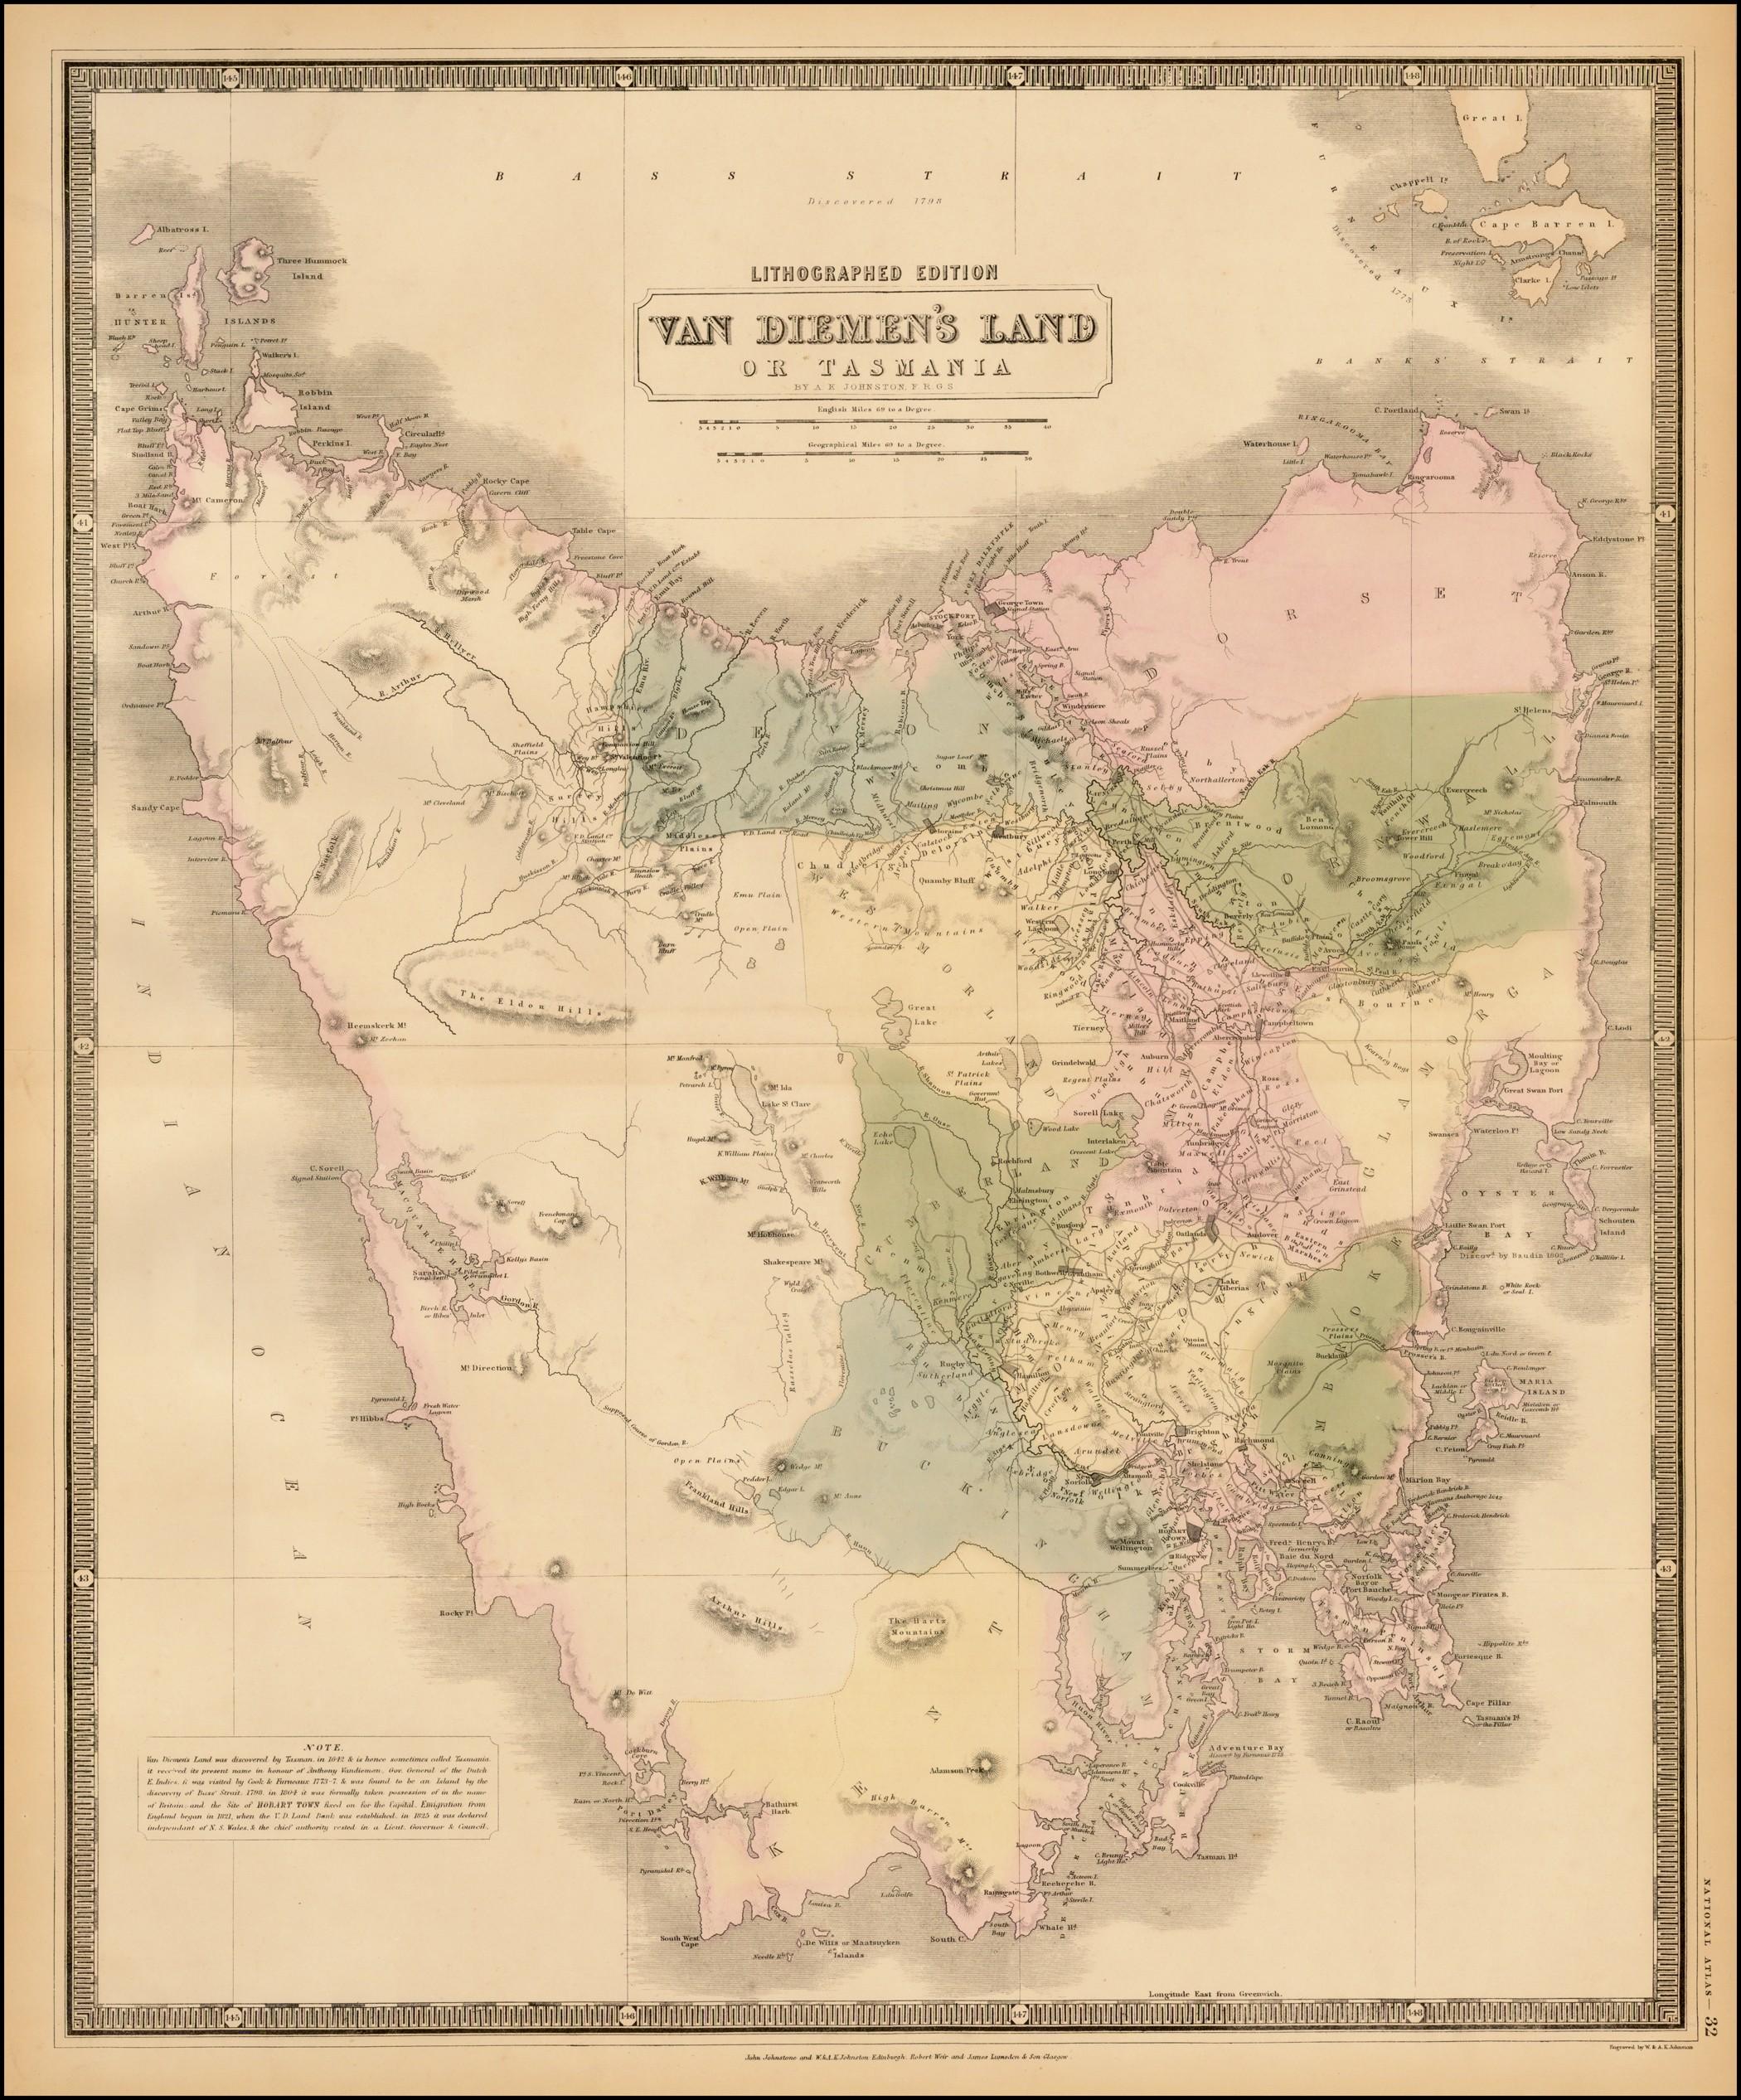 Очень подробная карта Тасмании, включая провинции и землевладельцев